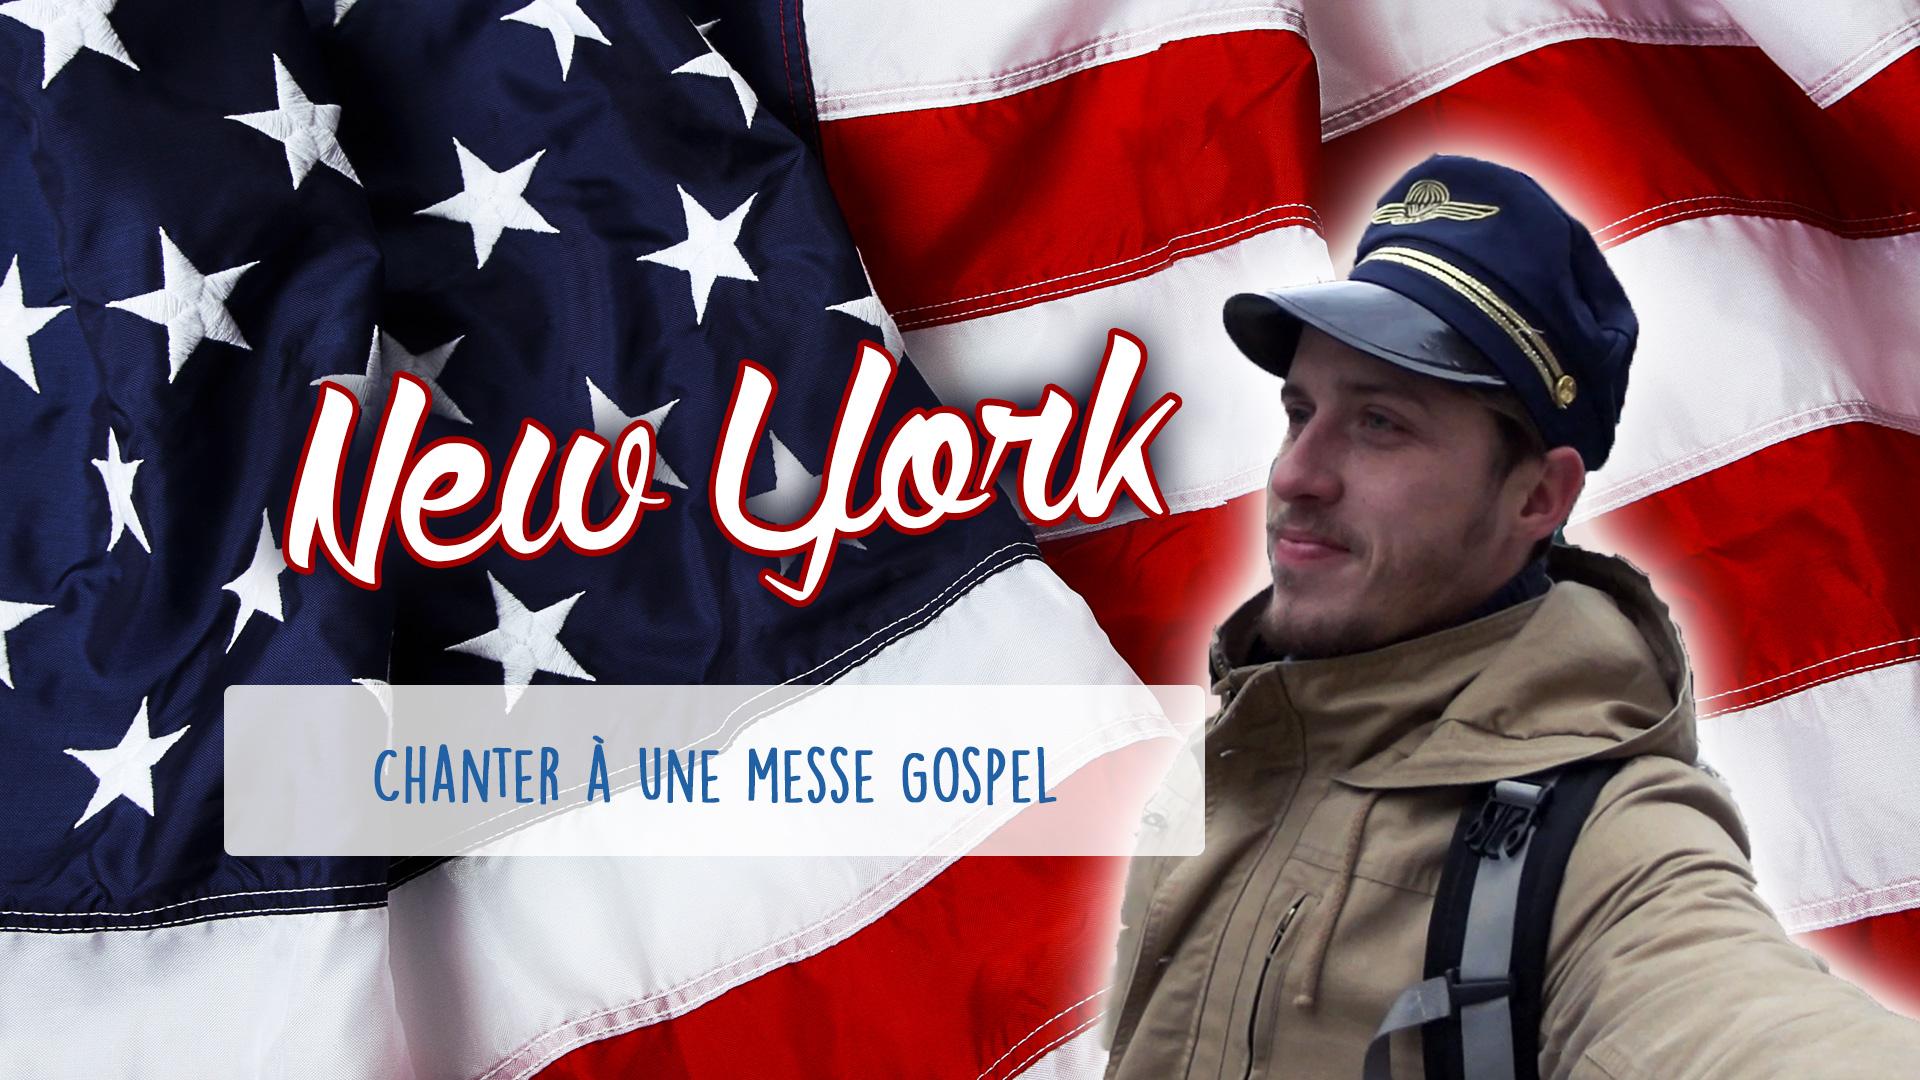 Défi 05 : New York – Chanter à une messe Gospel